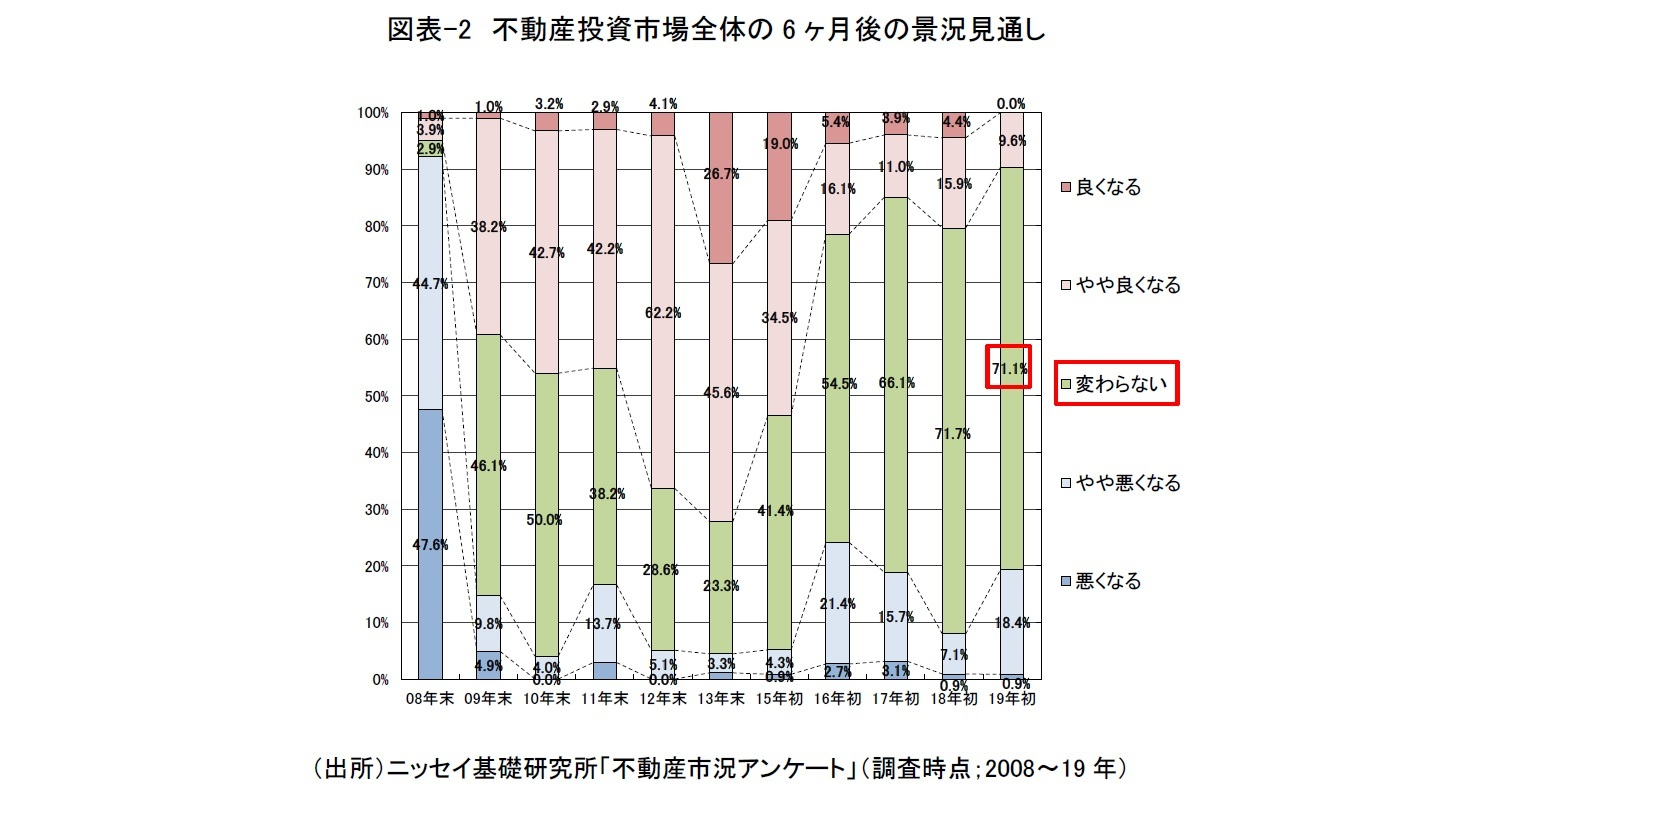 図表-2 不動産投資市場全体の6ヶ月後の景況見通し